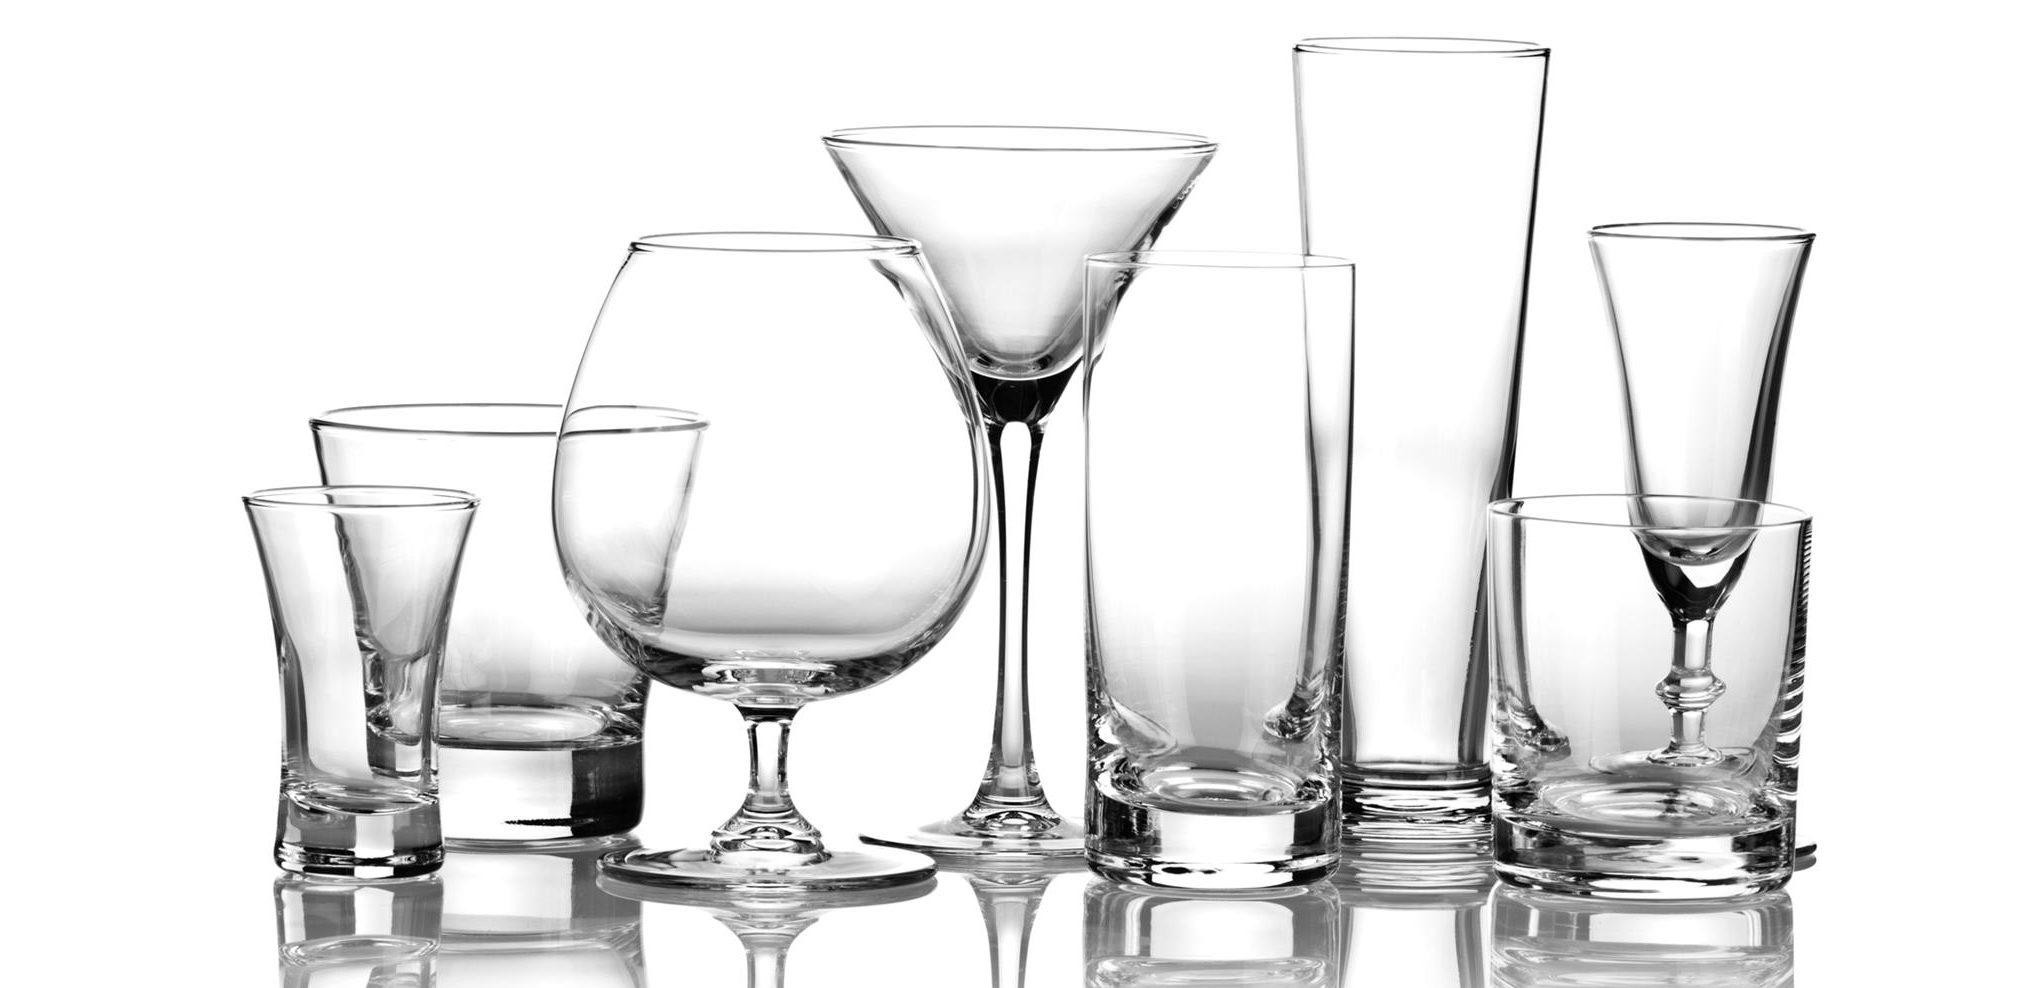 Conheça os diferentes tipos de copos e seus usos